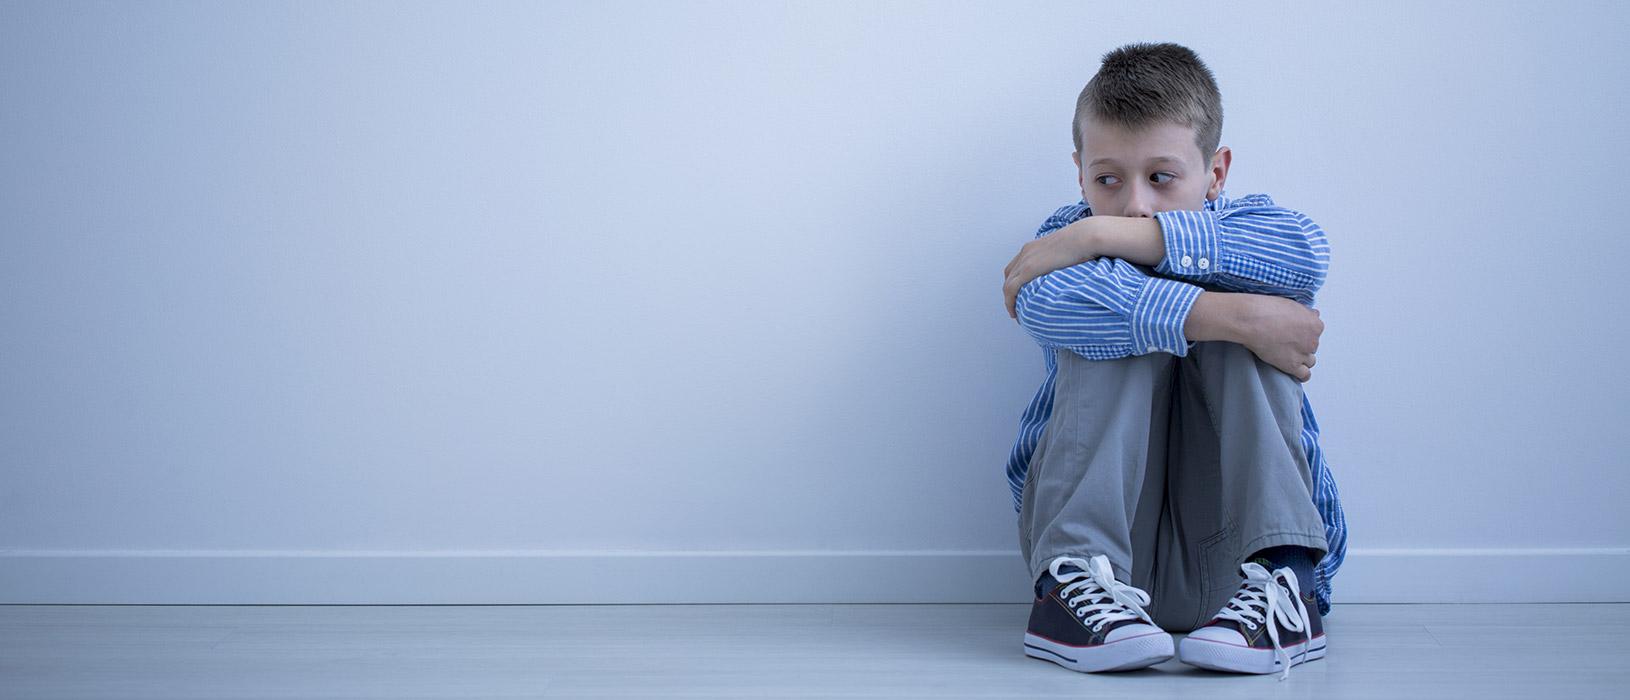 טיפול בחרדה אצל ילדים